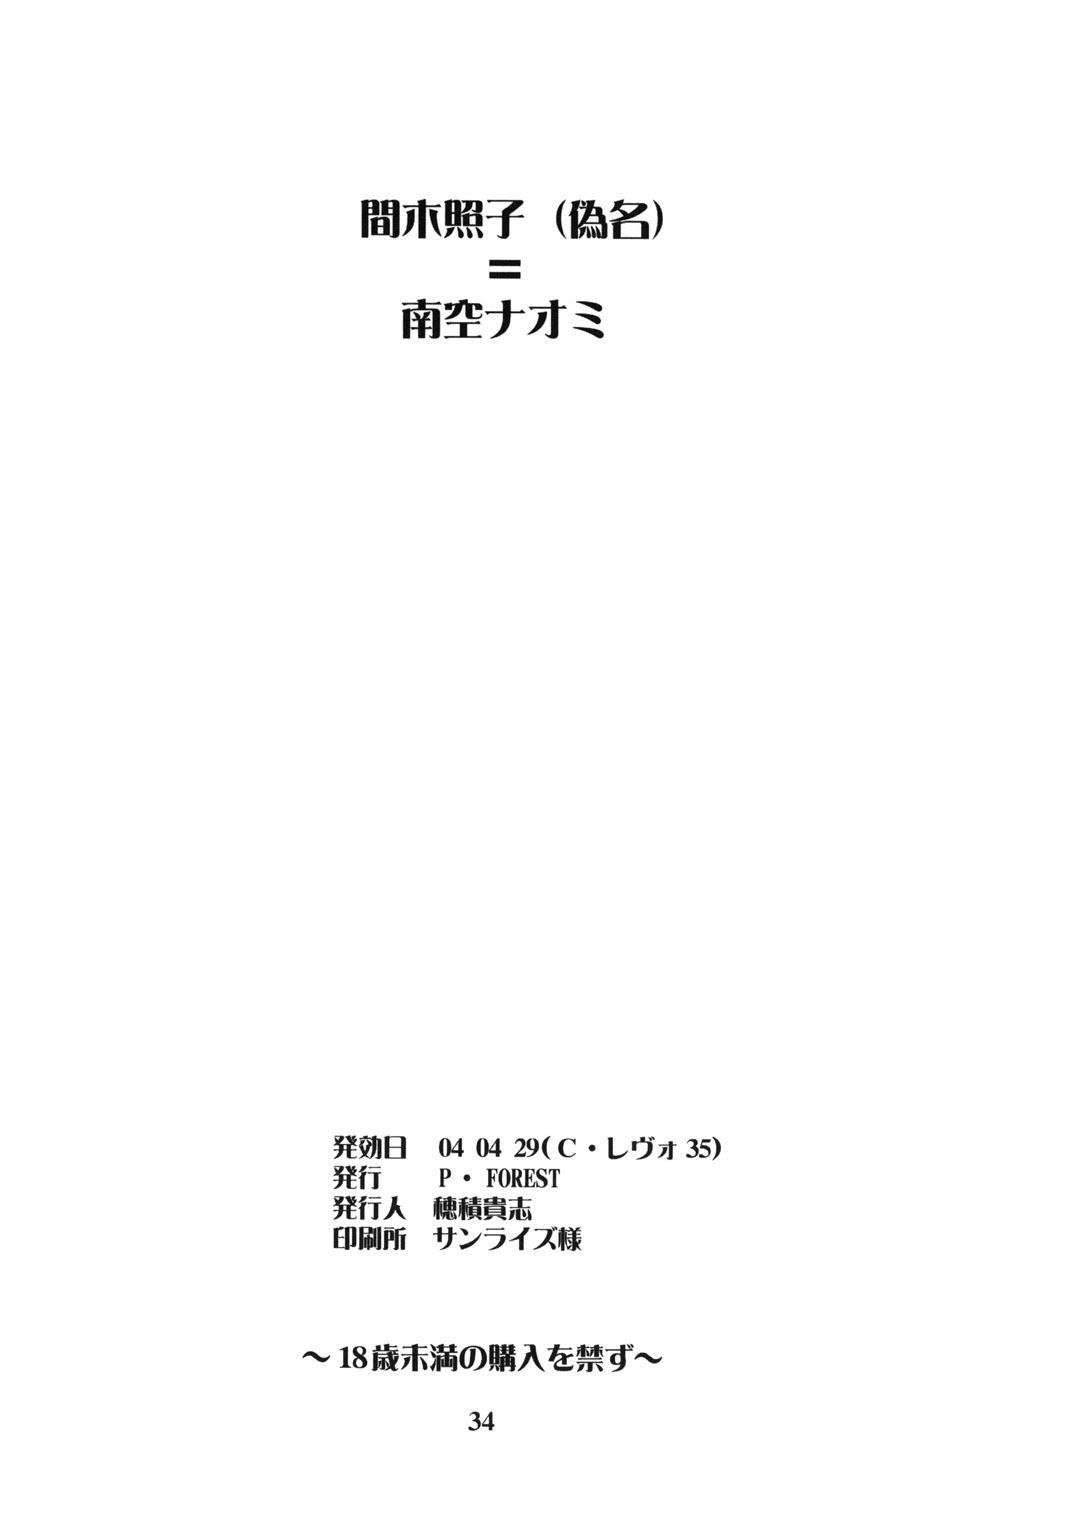 (CR35) [P-FOREST (Hozumi Takashi)] Maki Shouko(Gimei) Misora Naomi (Death Note) 32